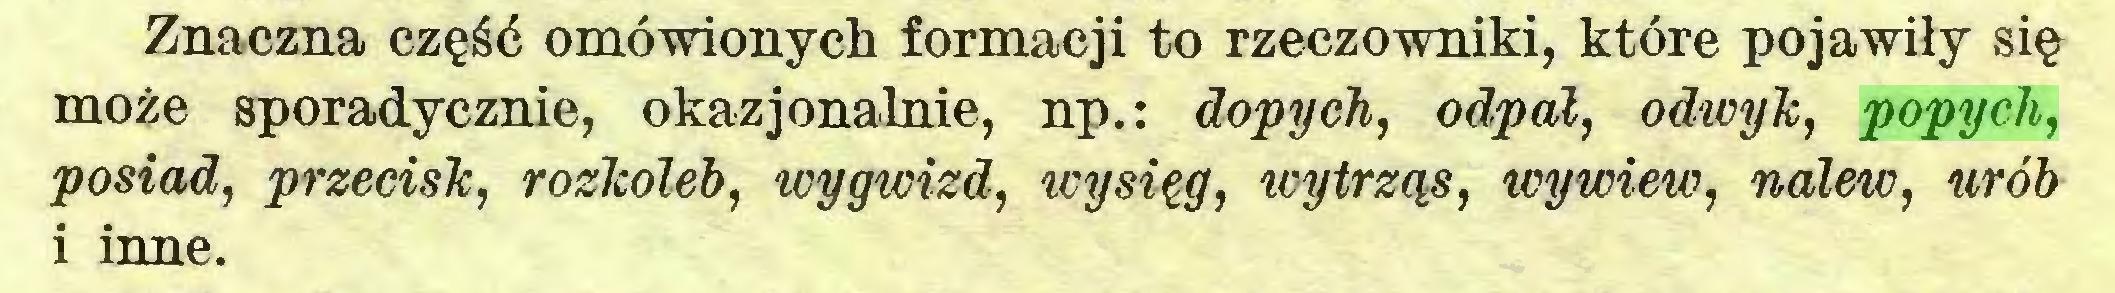 (...) Znaczna część omówionych formacji to rzeczowniki, które pojawiły się może sporadycznie, okazjonalnie, np.: dopych, odpal, odwyk, popych, posiad, przecisk, rozkoleb, wygwizd, wysięg, wytrząś, wywiew, nalew, urób i inne...